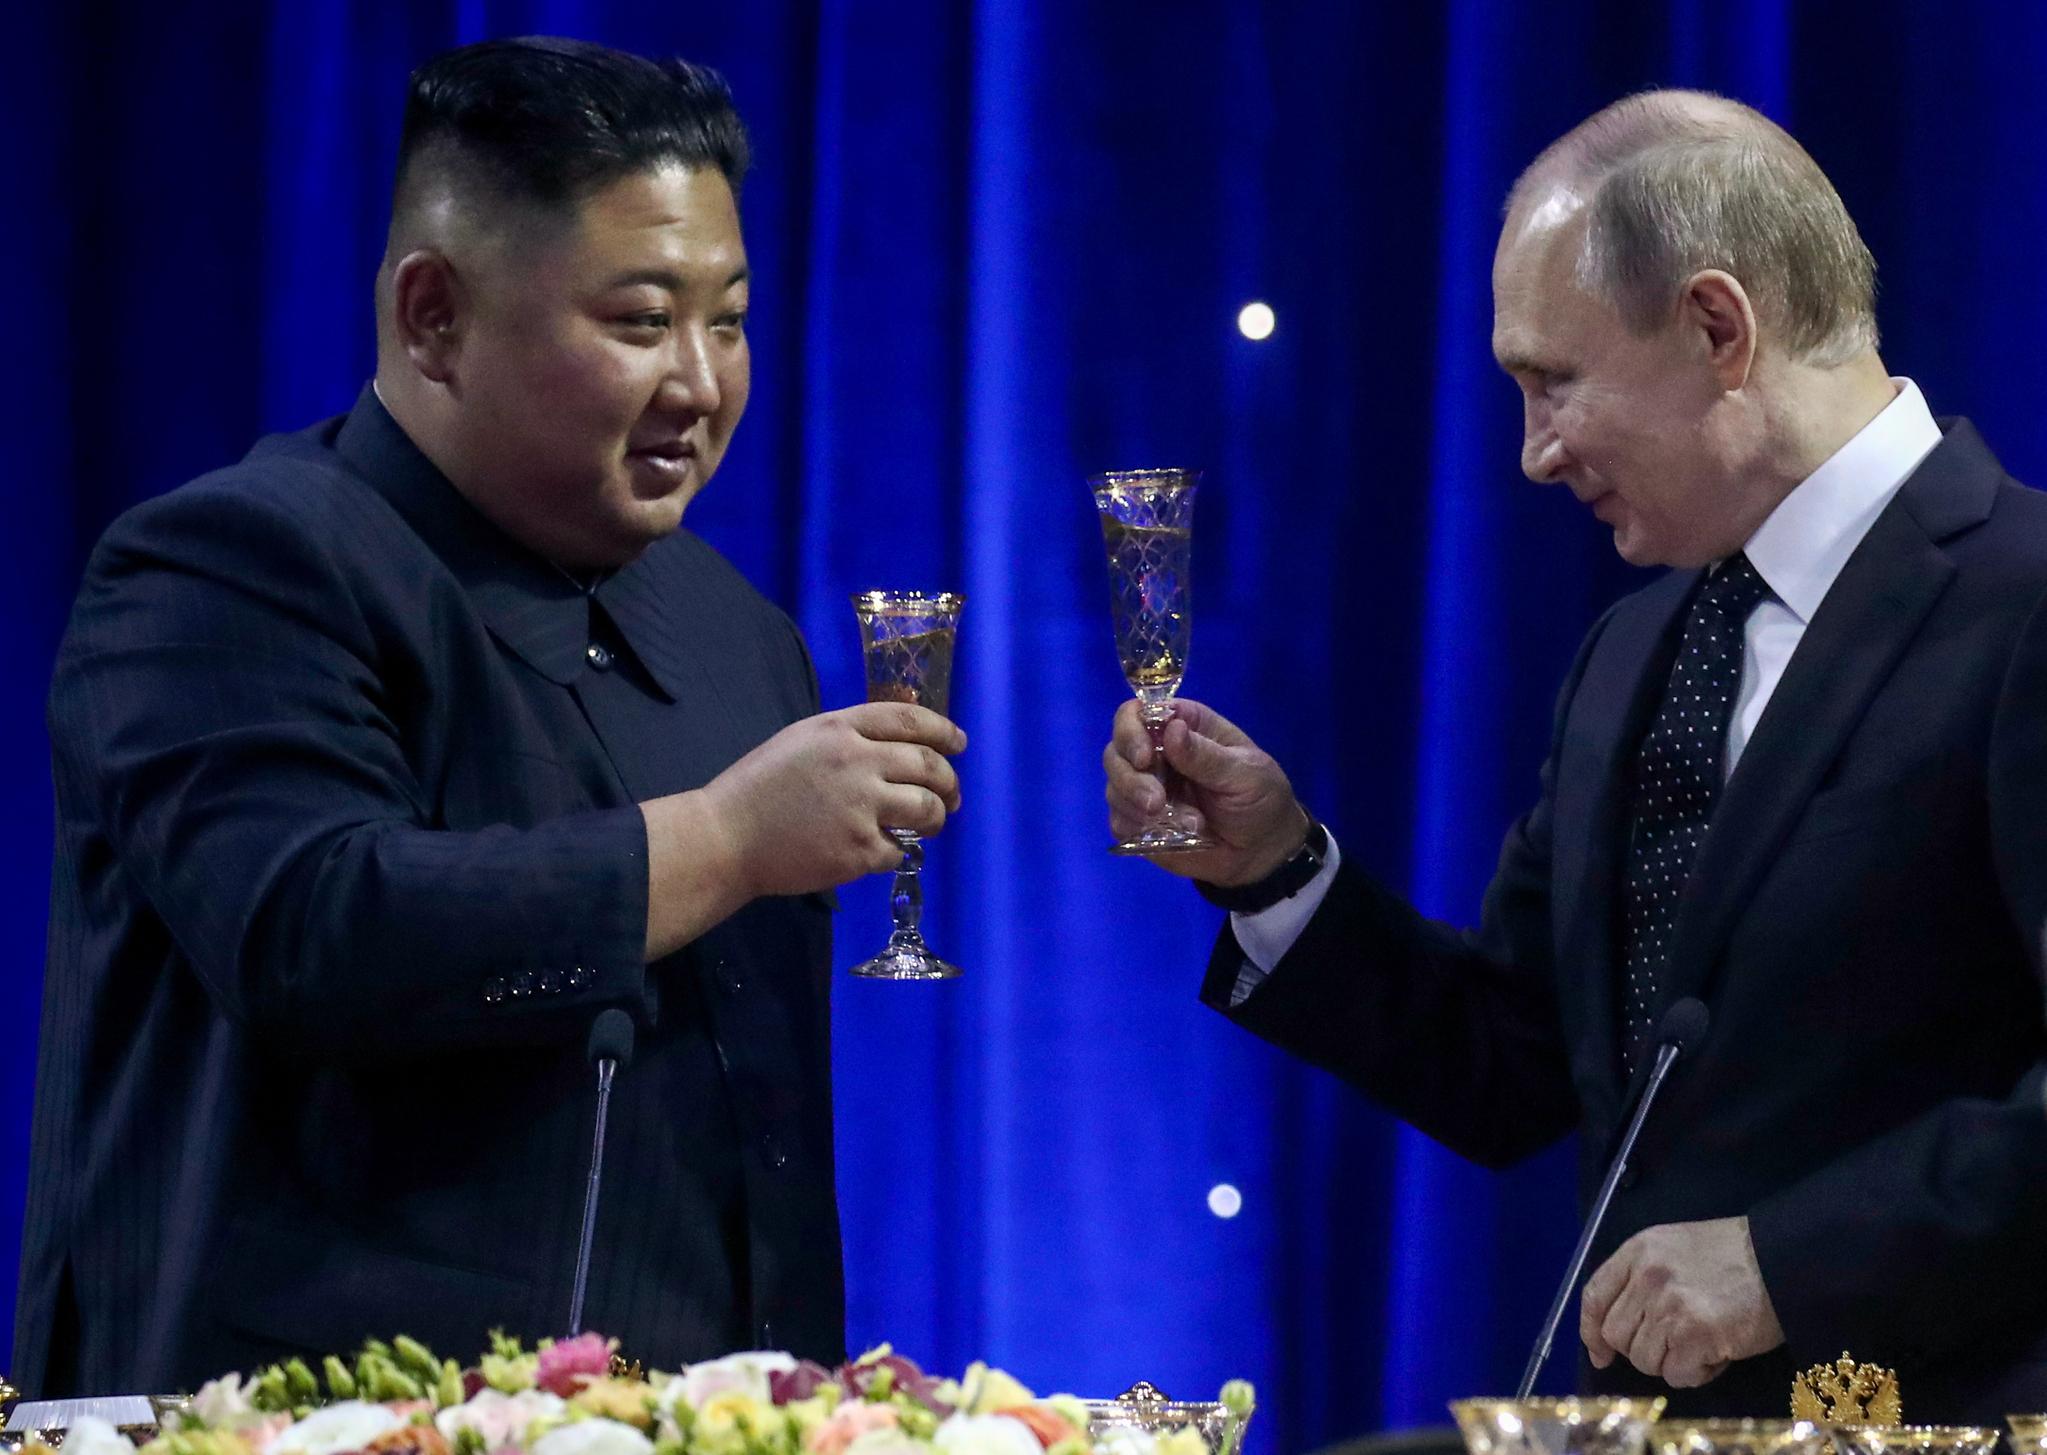 김정은 북한 국무위원장과 푸틴 대통령이 3시간여의 회담을 모두 마치고 만찬장으로 이동해 건배사를 한 뒤 건배하고 있다. [TASS=연합뉴스]